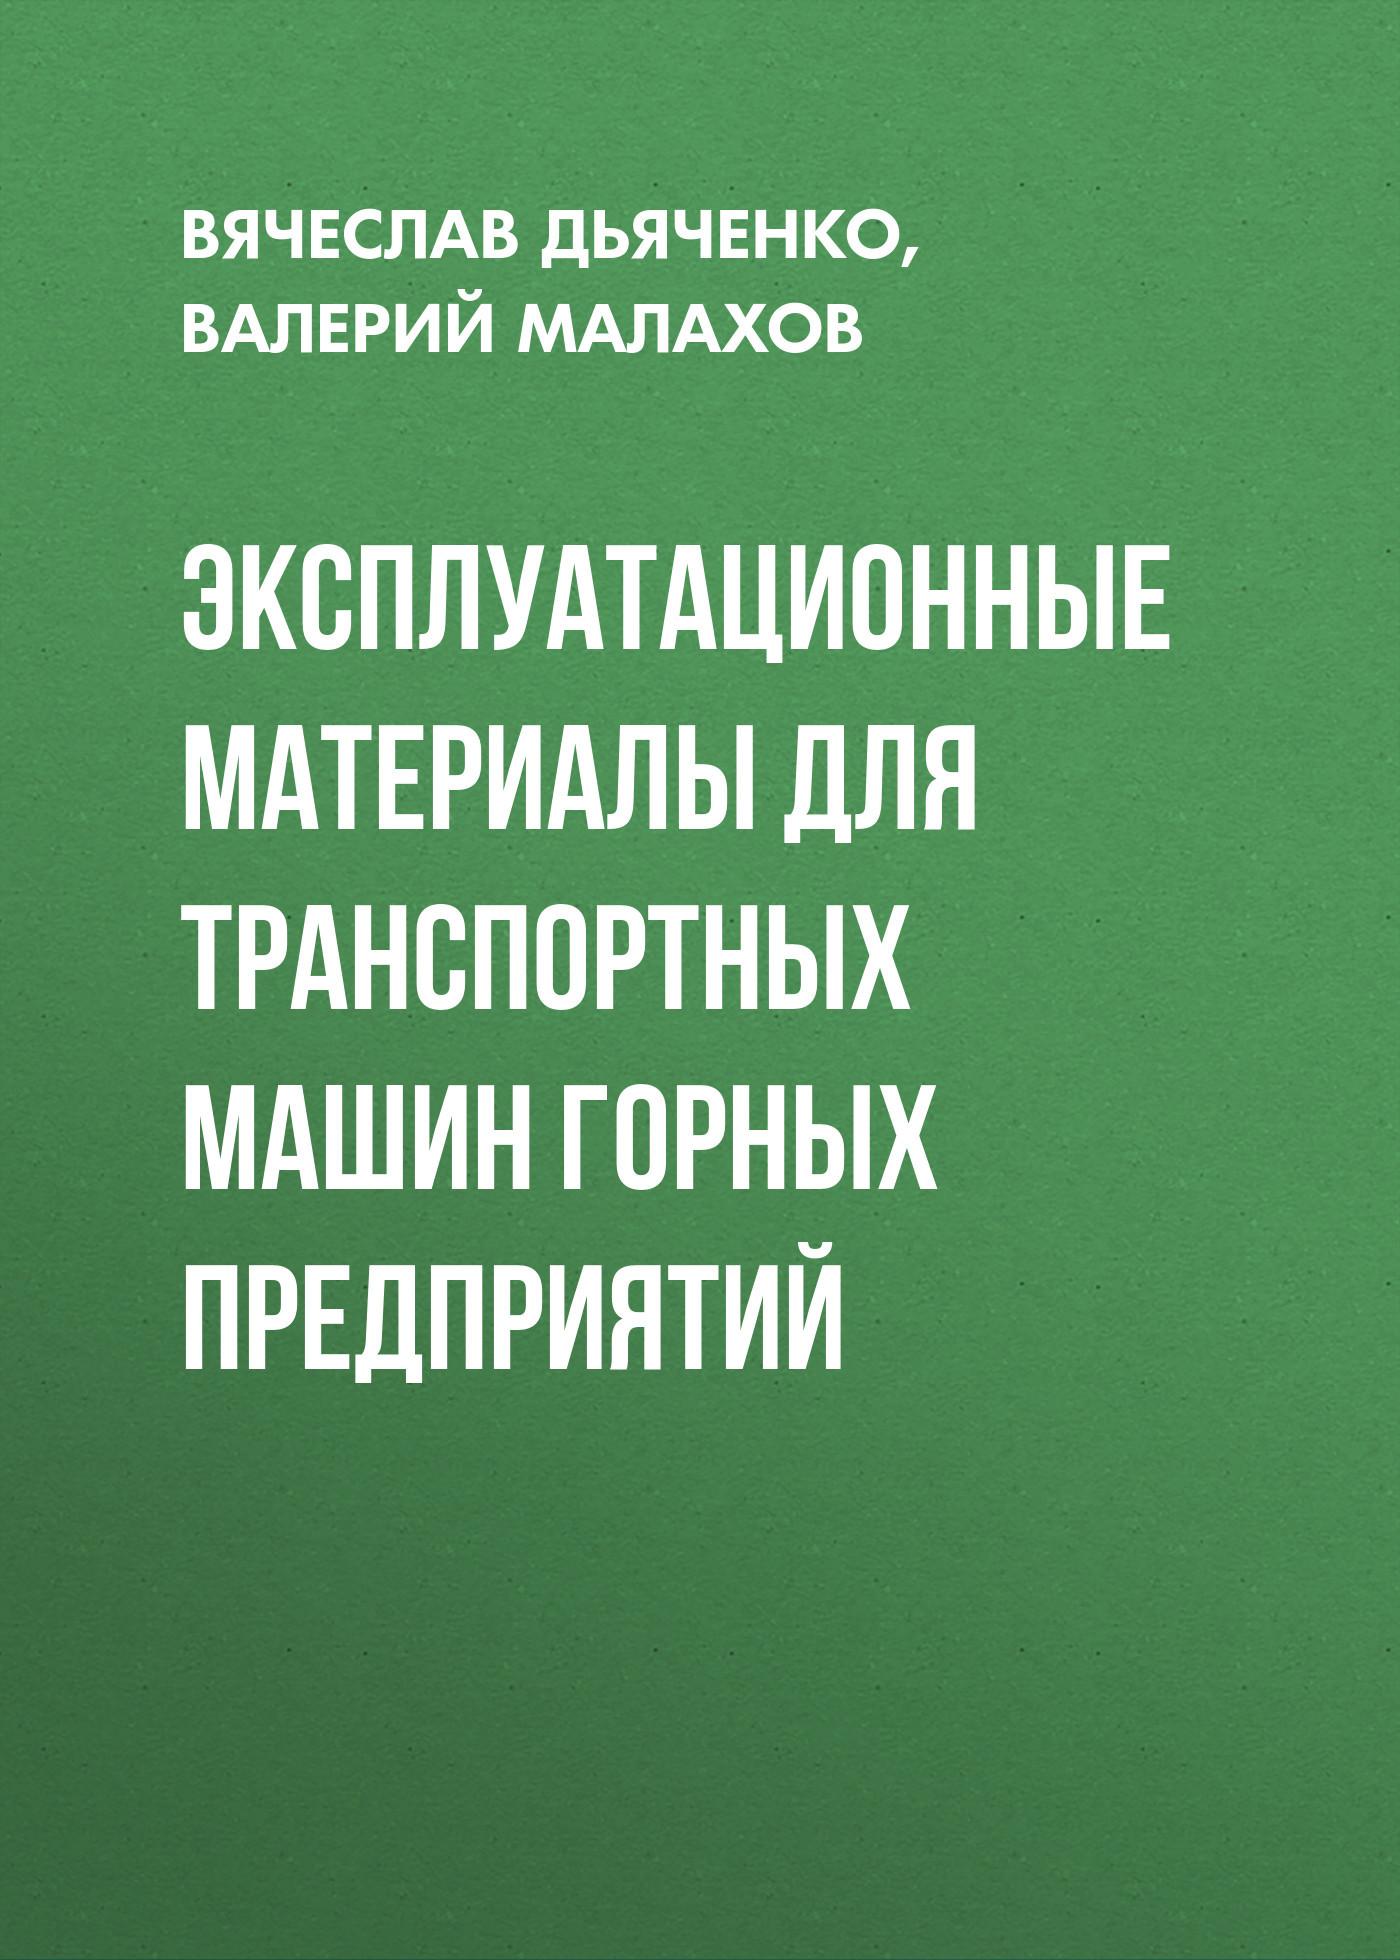 Валерий Малахов. Эксплуатационные материалы для транспортных машин горных предприятий